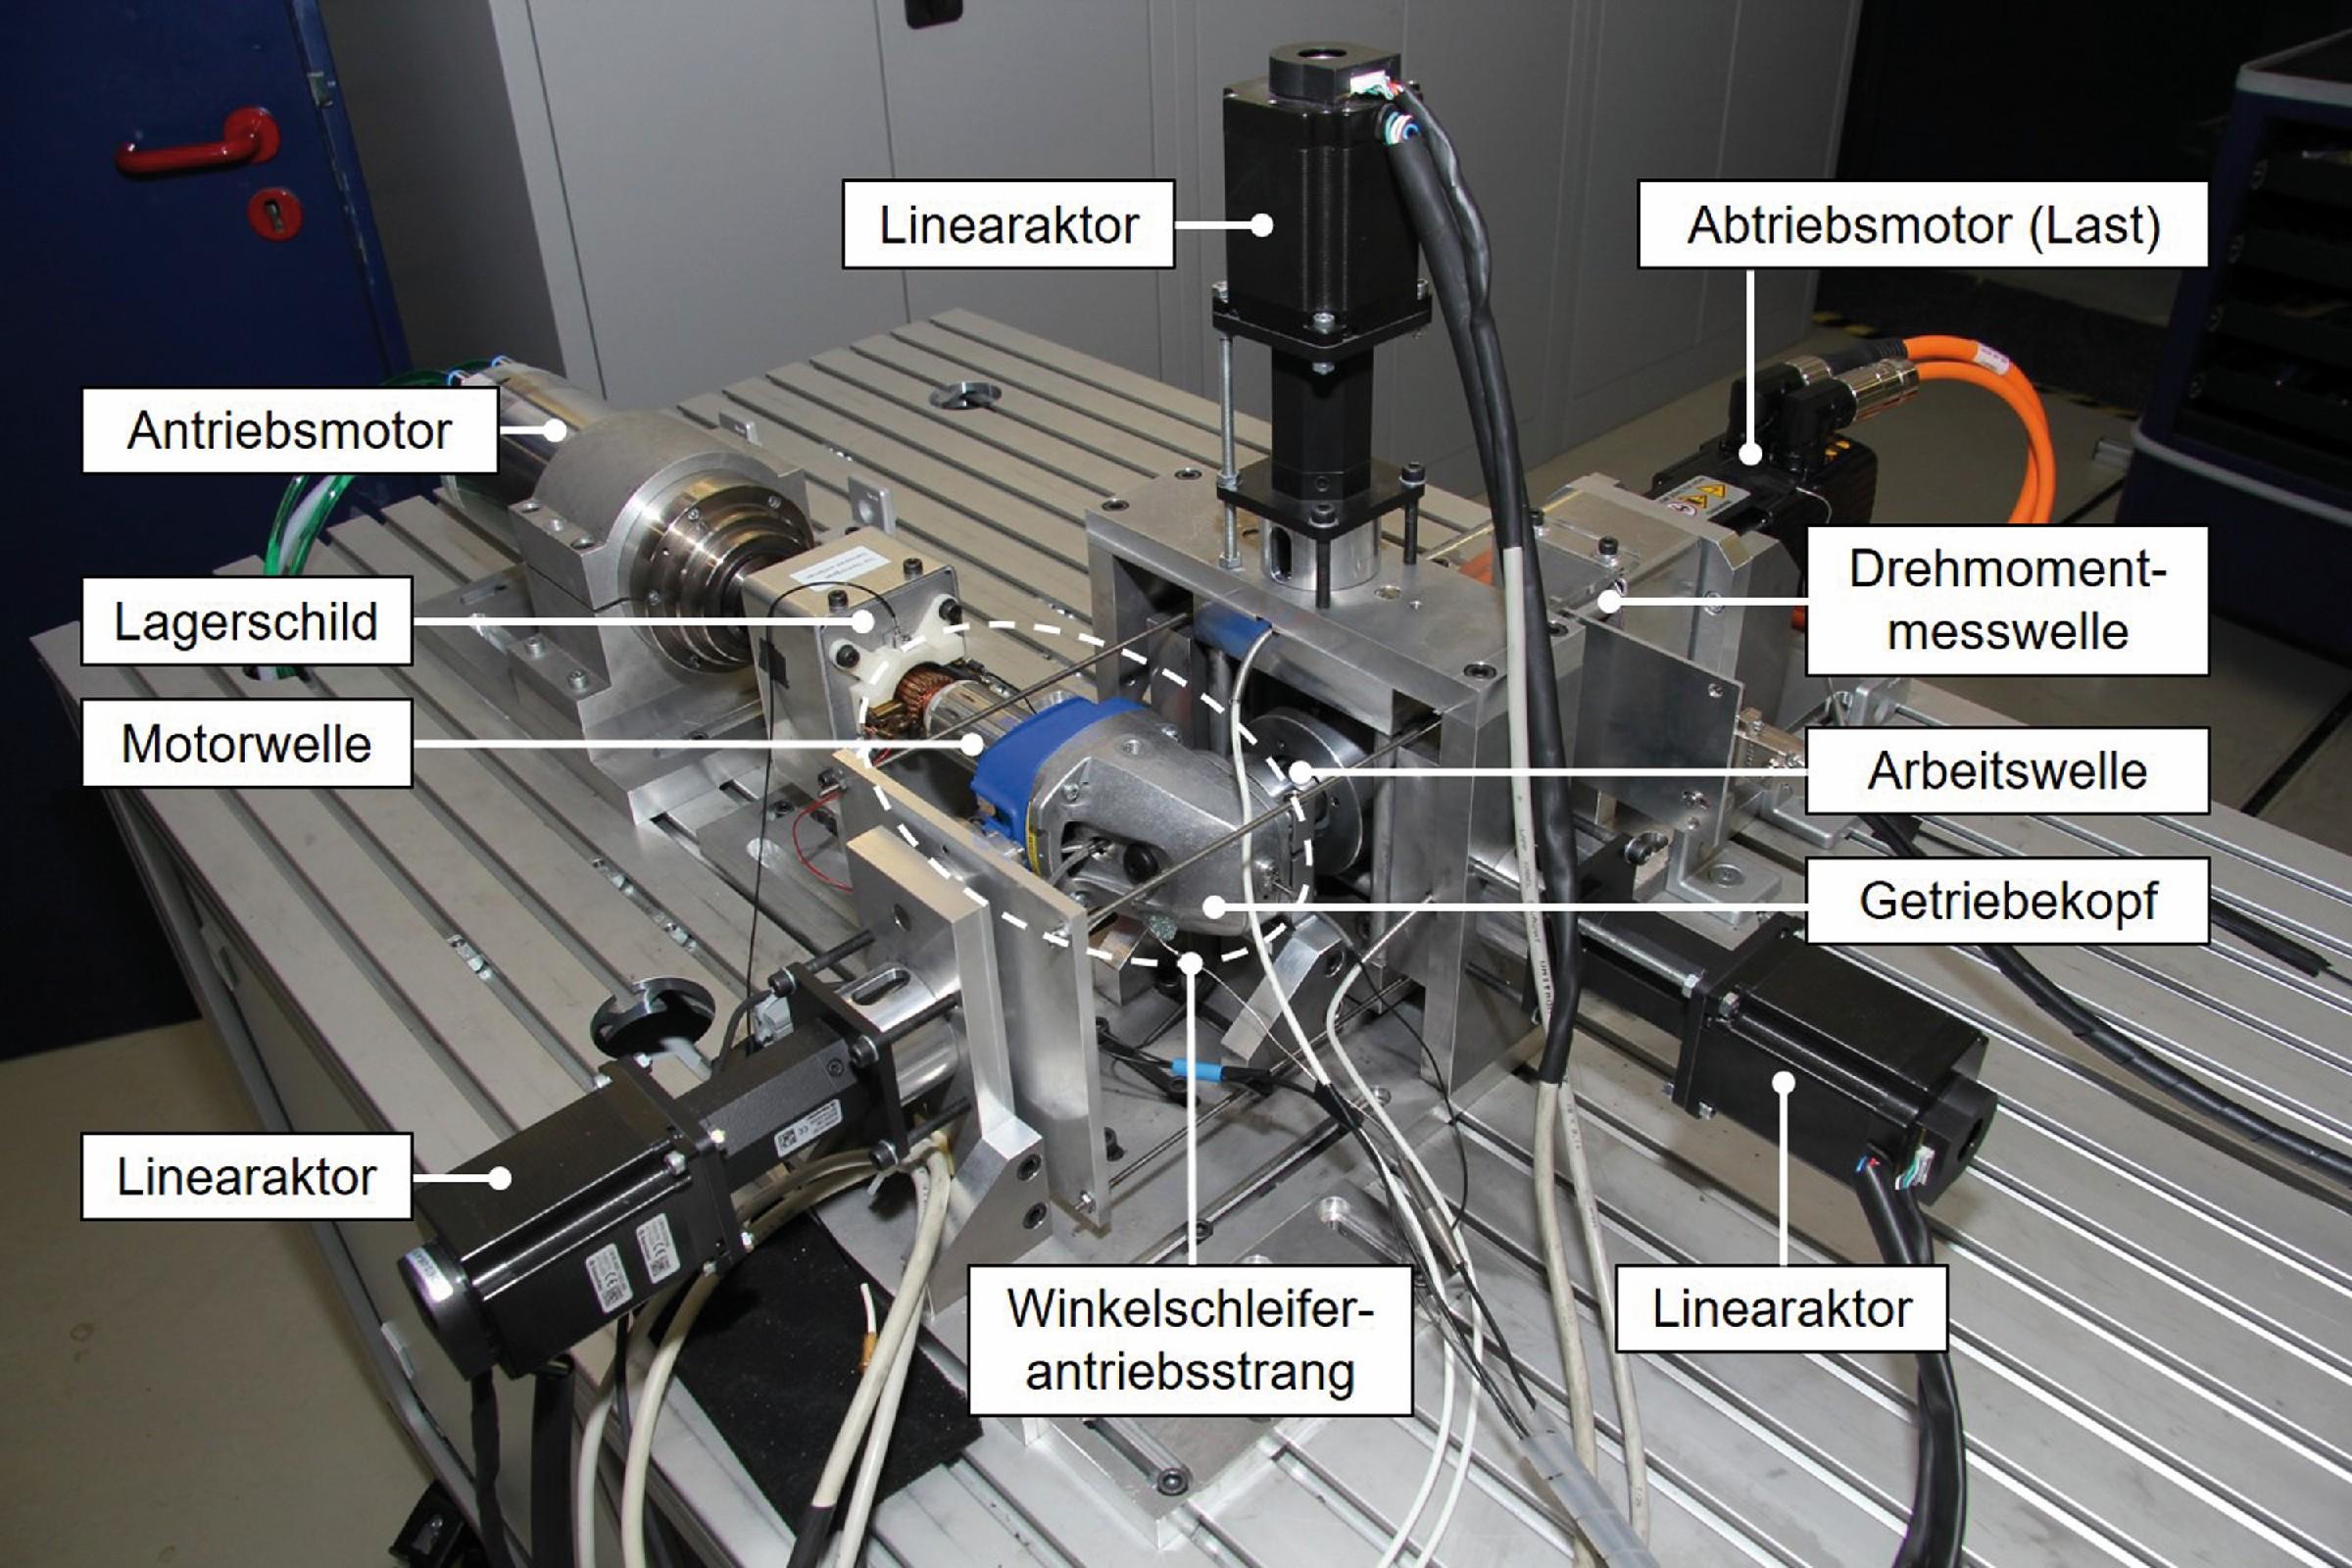 Bild 4: Mechanischer Aufbau des Teilsystementwicklungsprüfstands zur Untersuchung des Dynamikverhaltens eines Winkelschleiferantriebsstrangs. (Bild: Karlsruher Institut für Technologie KIT)